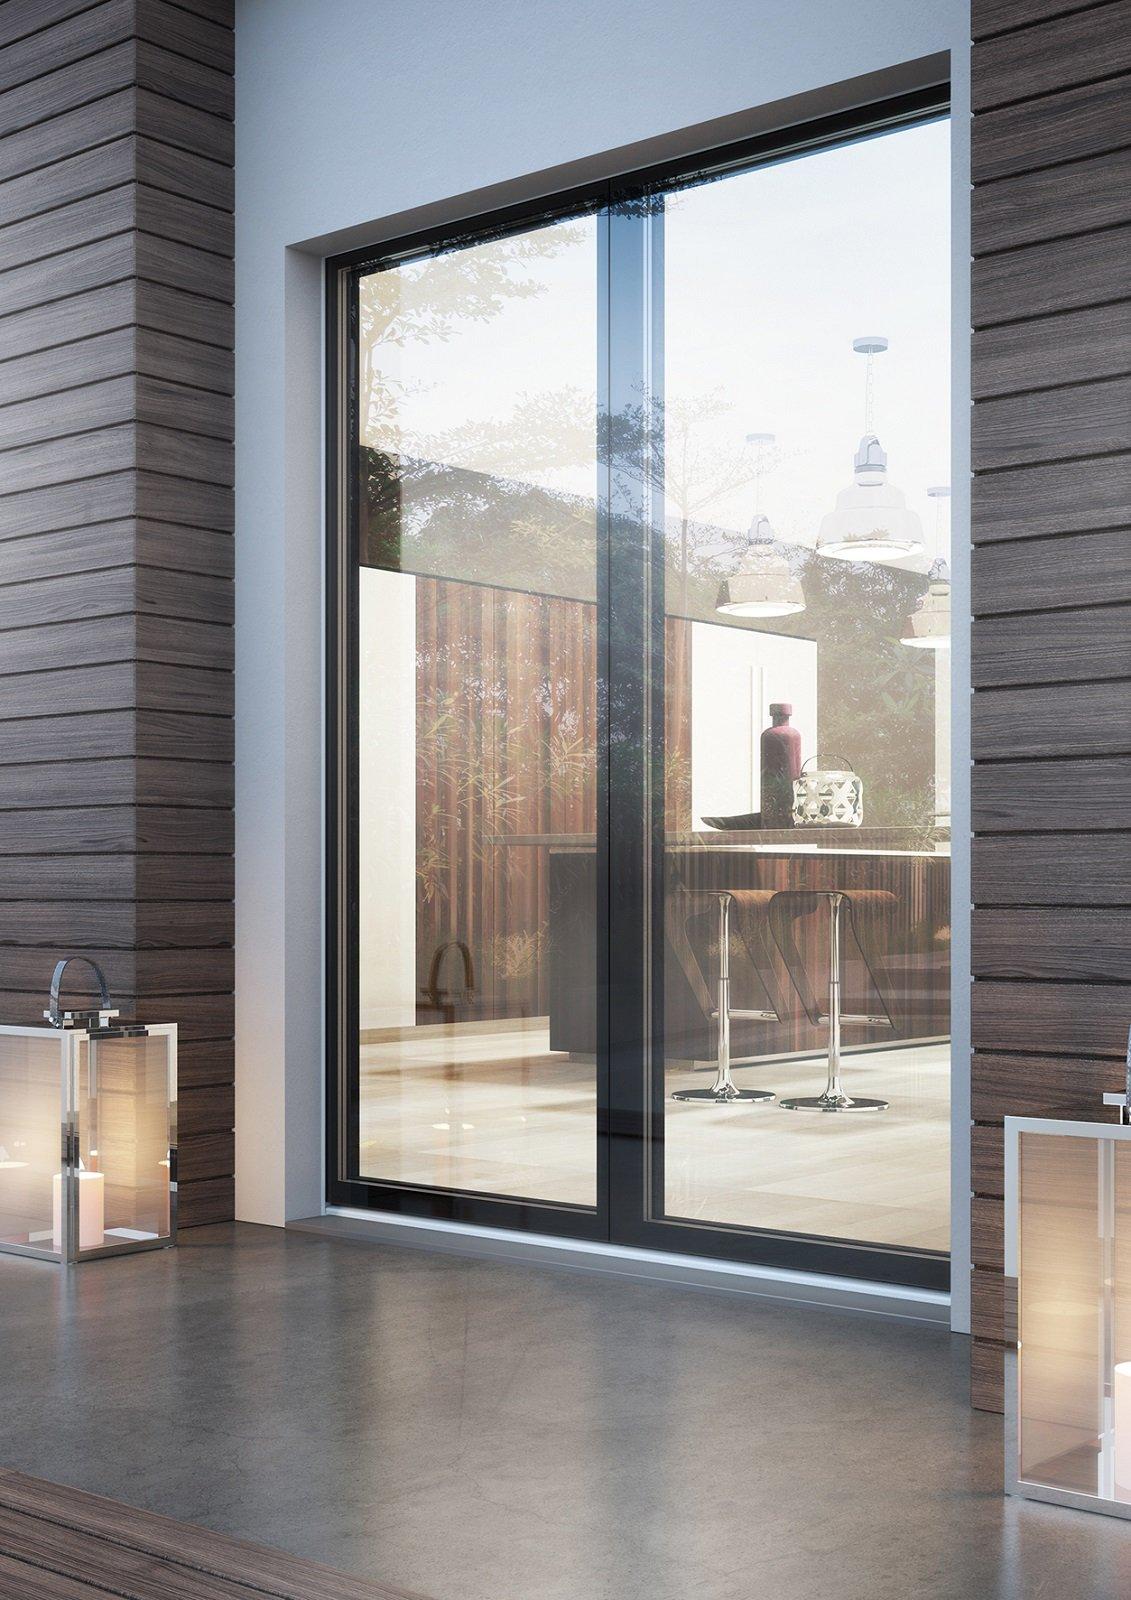 Finestre per il risparmio energetico con ecobonus del 65 - Finestre a risparmio energetico ...